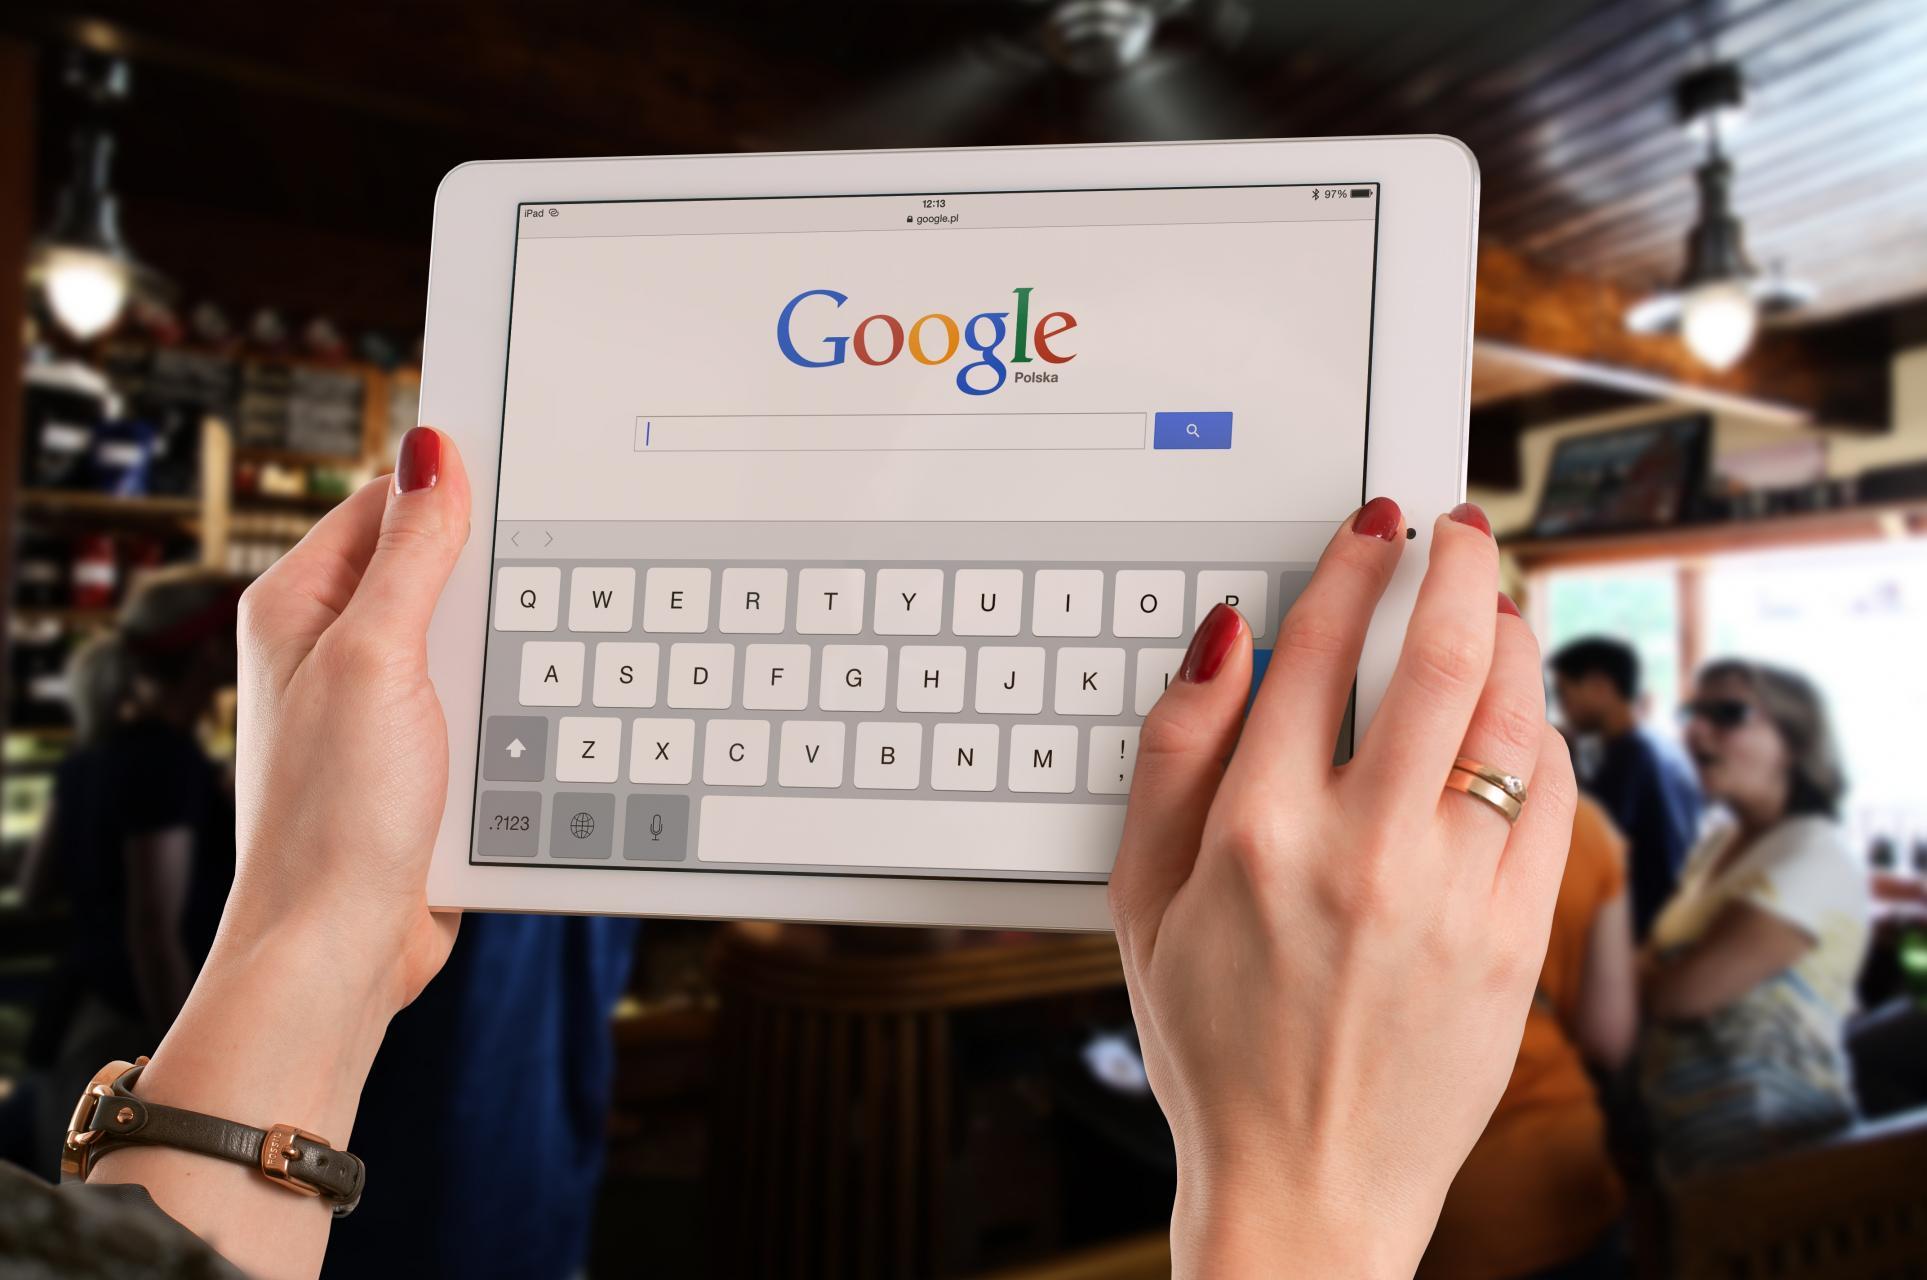 Recent heeft Google weer iets nieuws gelanceerd. Google Accelerated Mobile Pages, of kortweg AMP. AMP is bedoeld om webpagina's sneller te laden op je mobiel. Webpagina's kunnen met Google AMP 85% sneller laden. Ondanks dat er veel wordtondernomen om het web sneller te maken, laden websites op je smartphone doorgaans nog niet erg snel. Google…